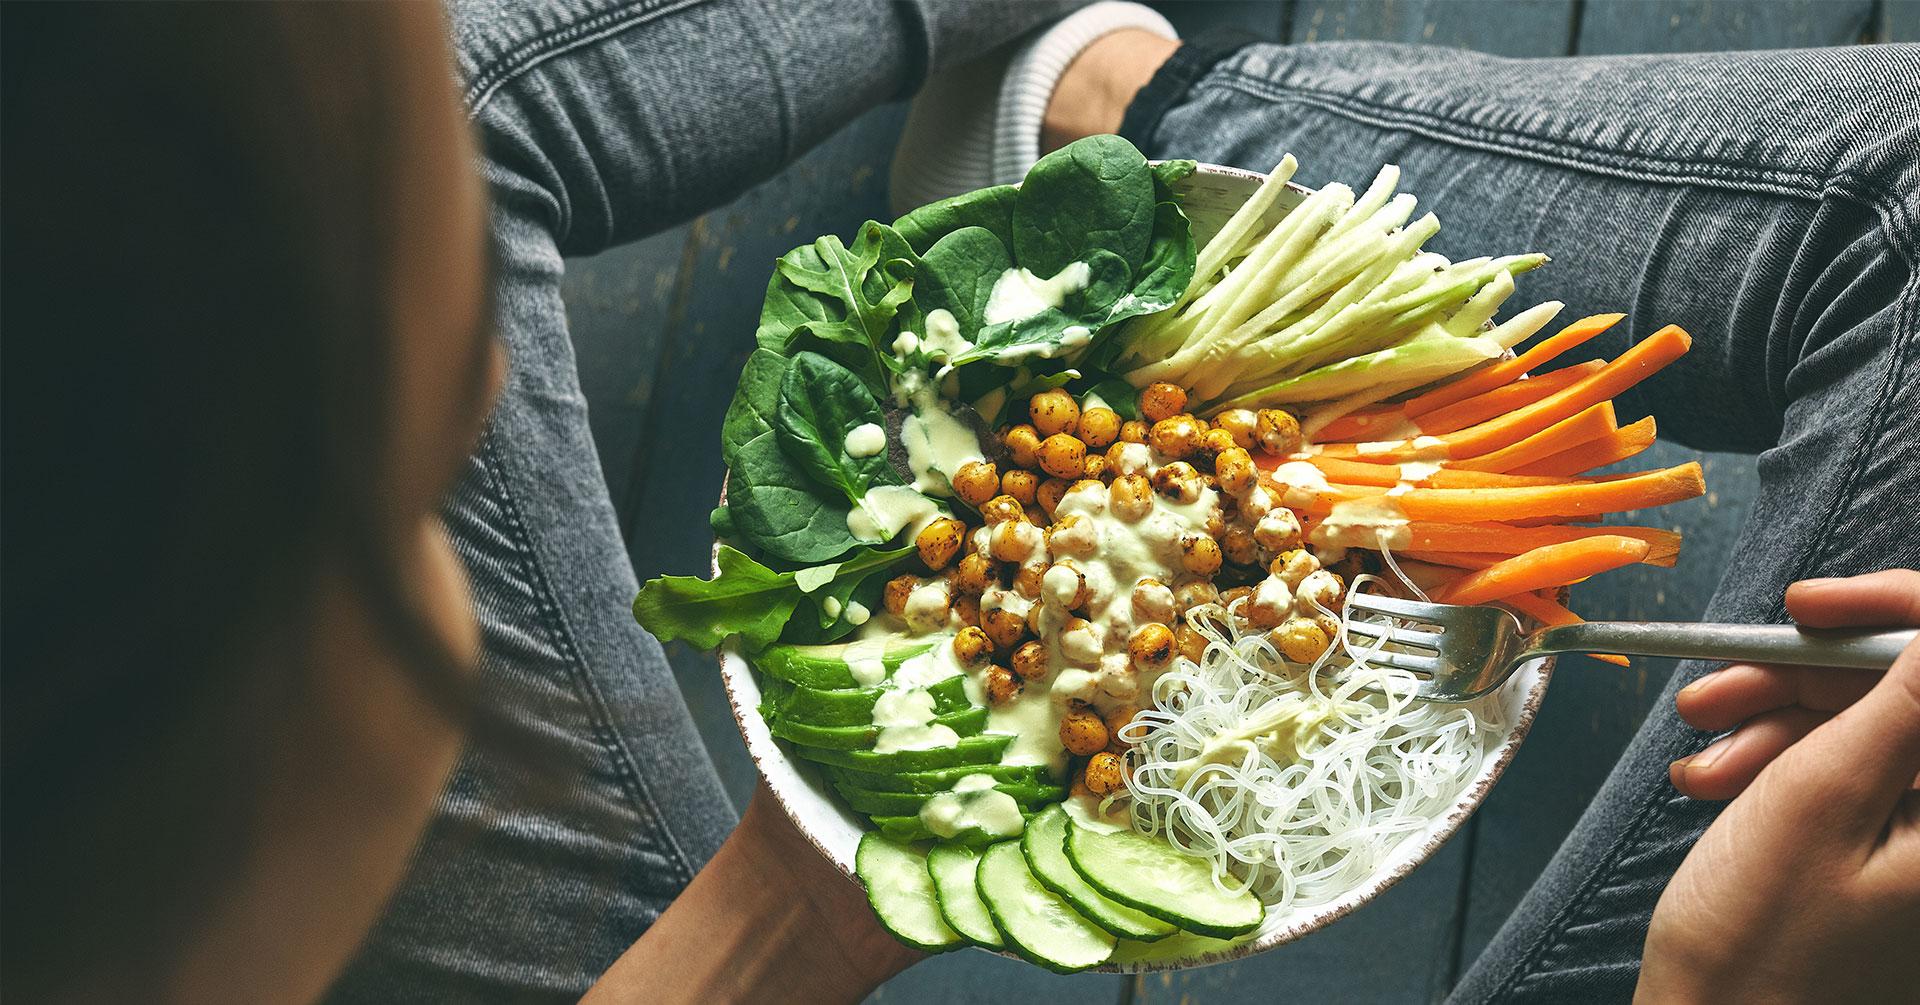 Logra llevar una vida saludable con el Plato del Bien Comer